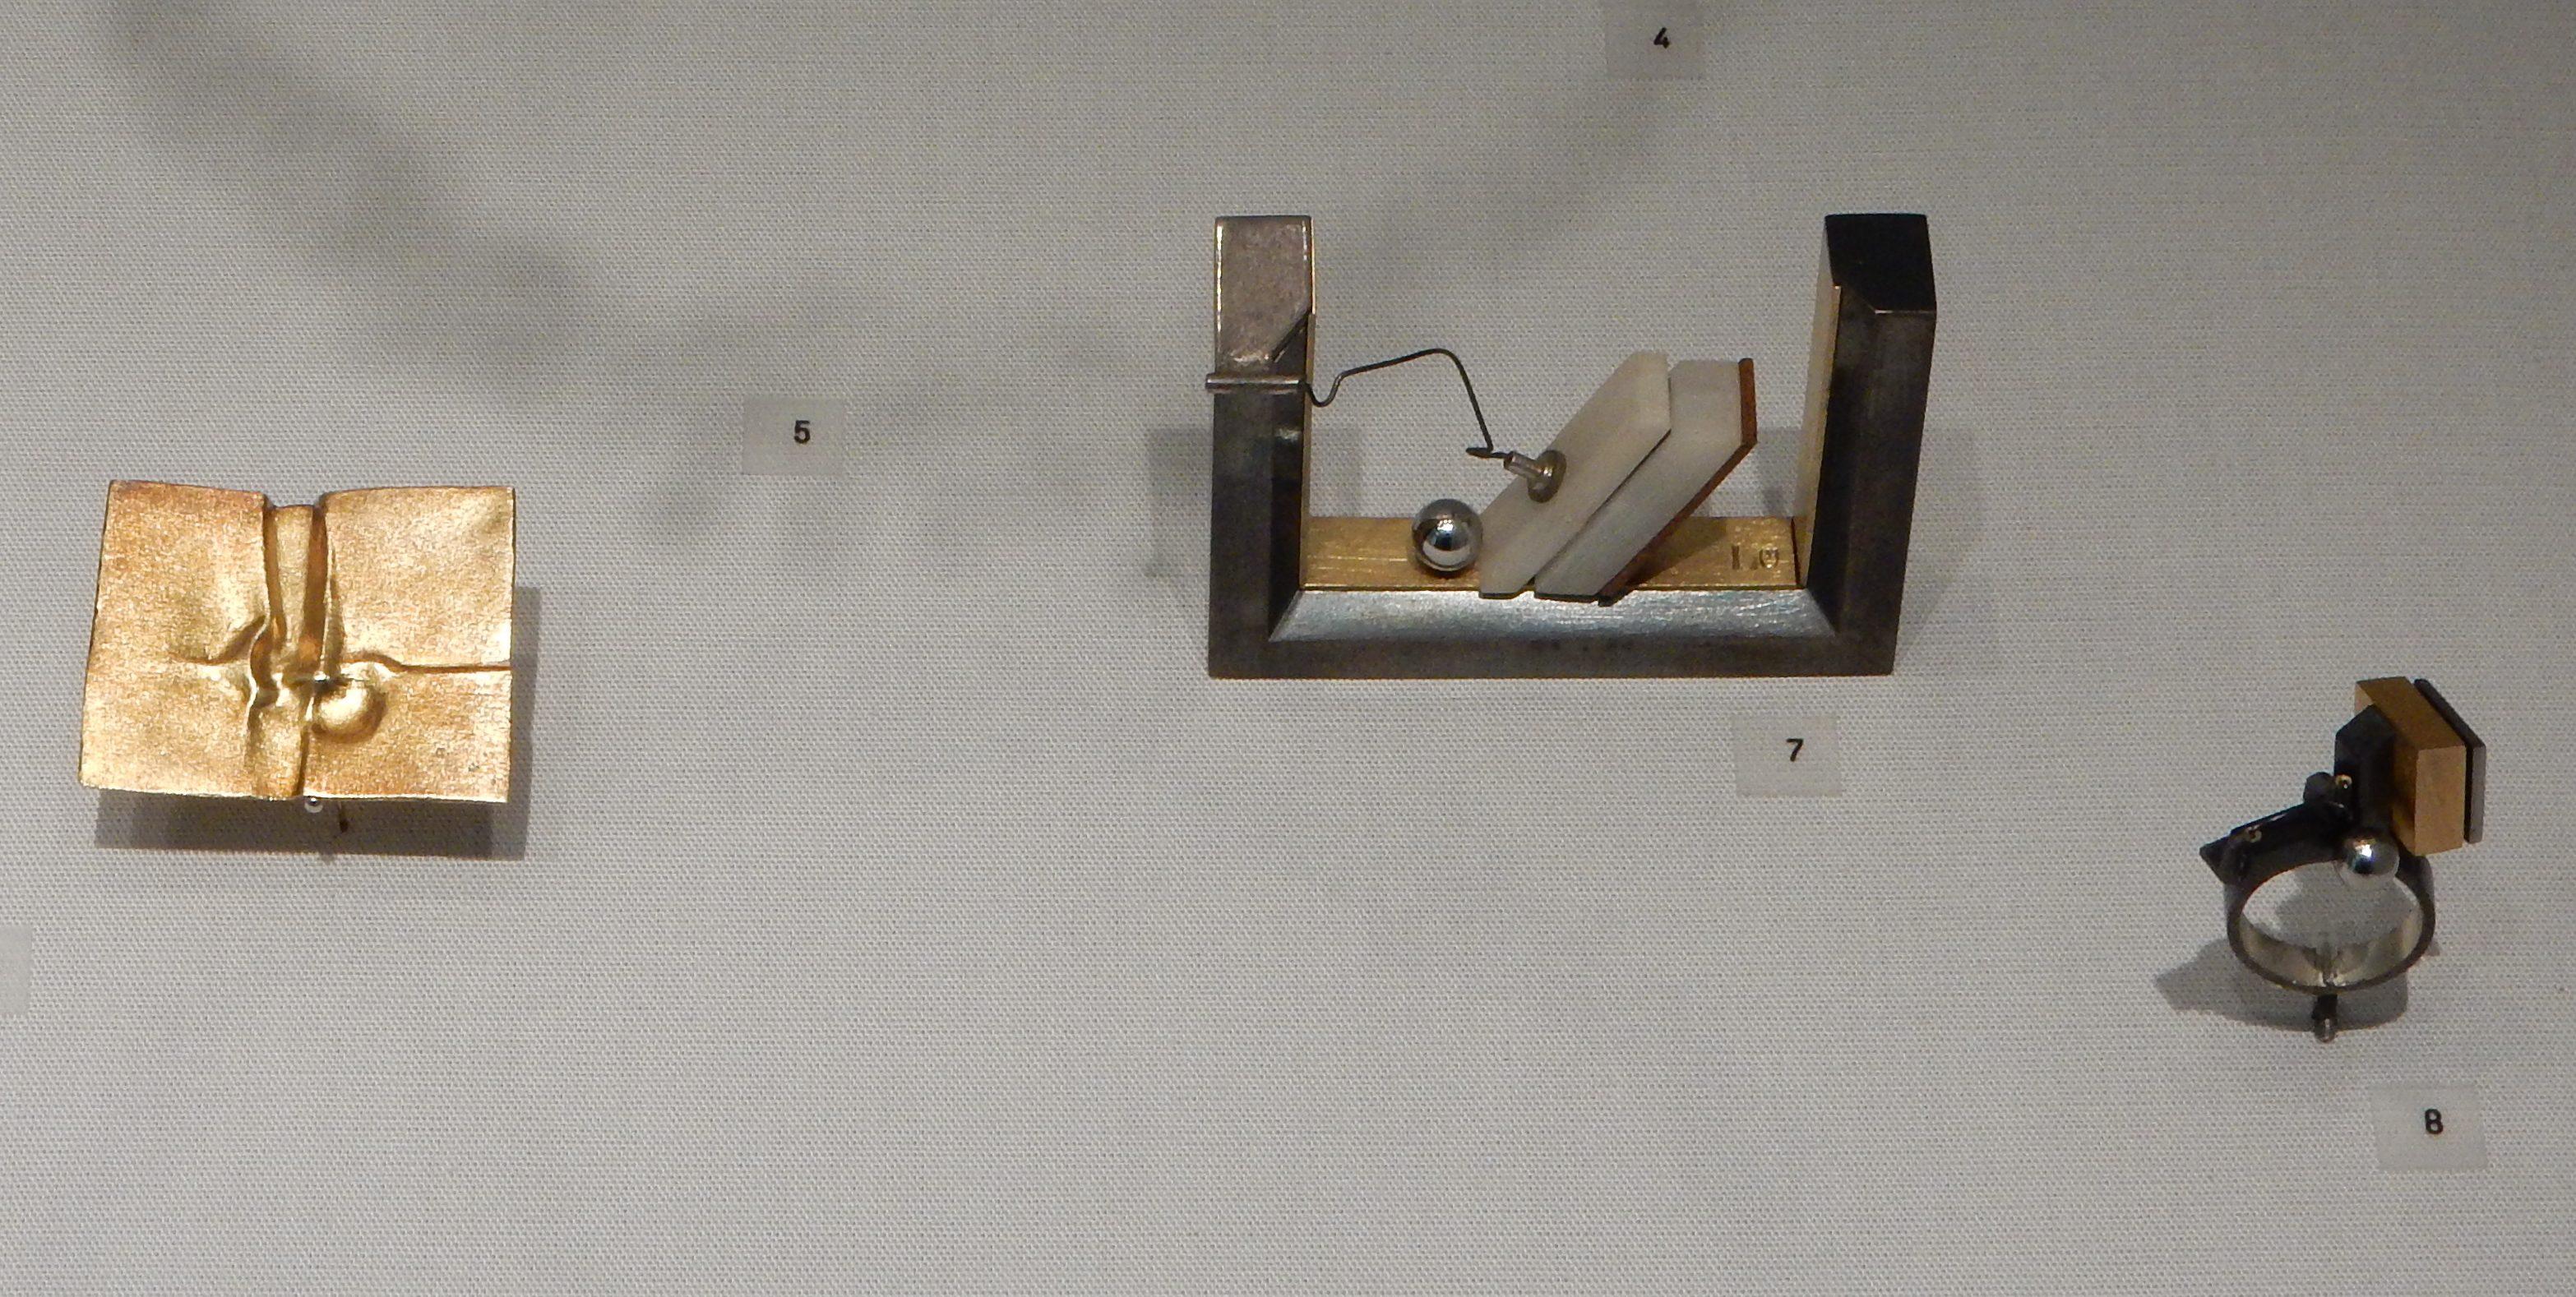 Rüdiger Lorenzen, broche, 1967, broche, 1975, ring, 1975. Schmuckmuseum Pforzheim. Foto met dank aan Coert Peter Krabbe, september 2018, CC BY 4.0